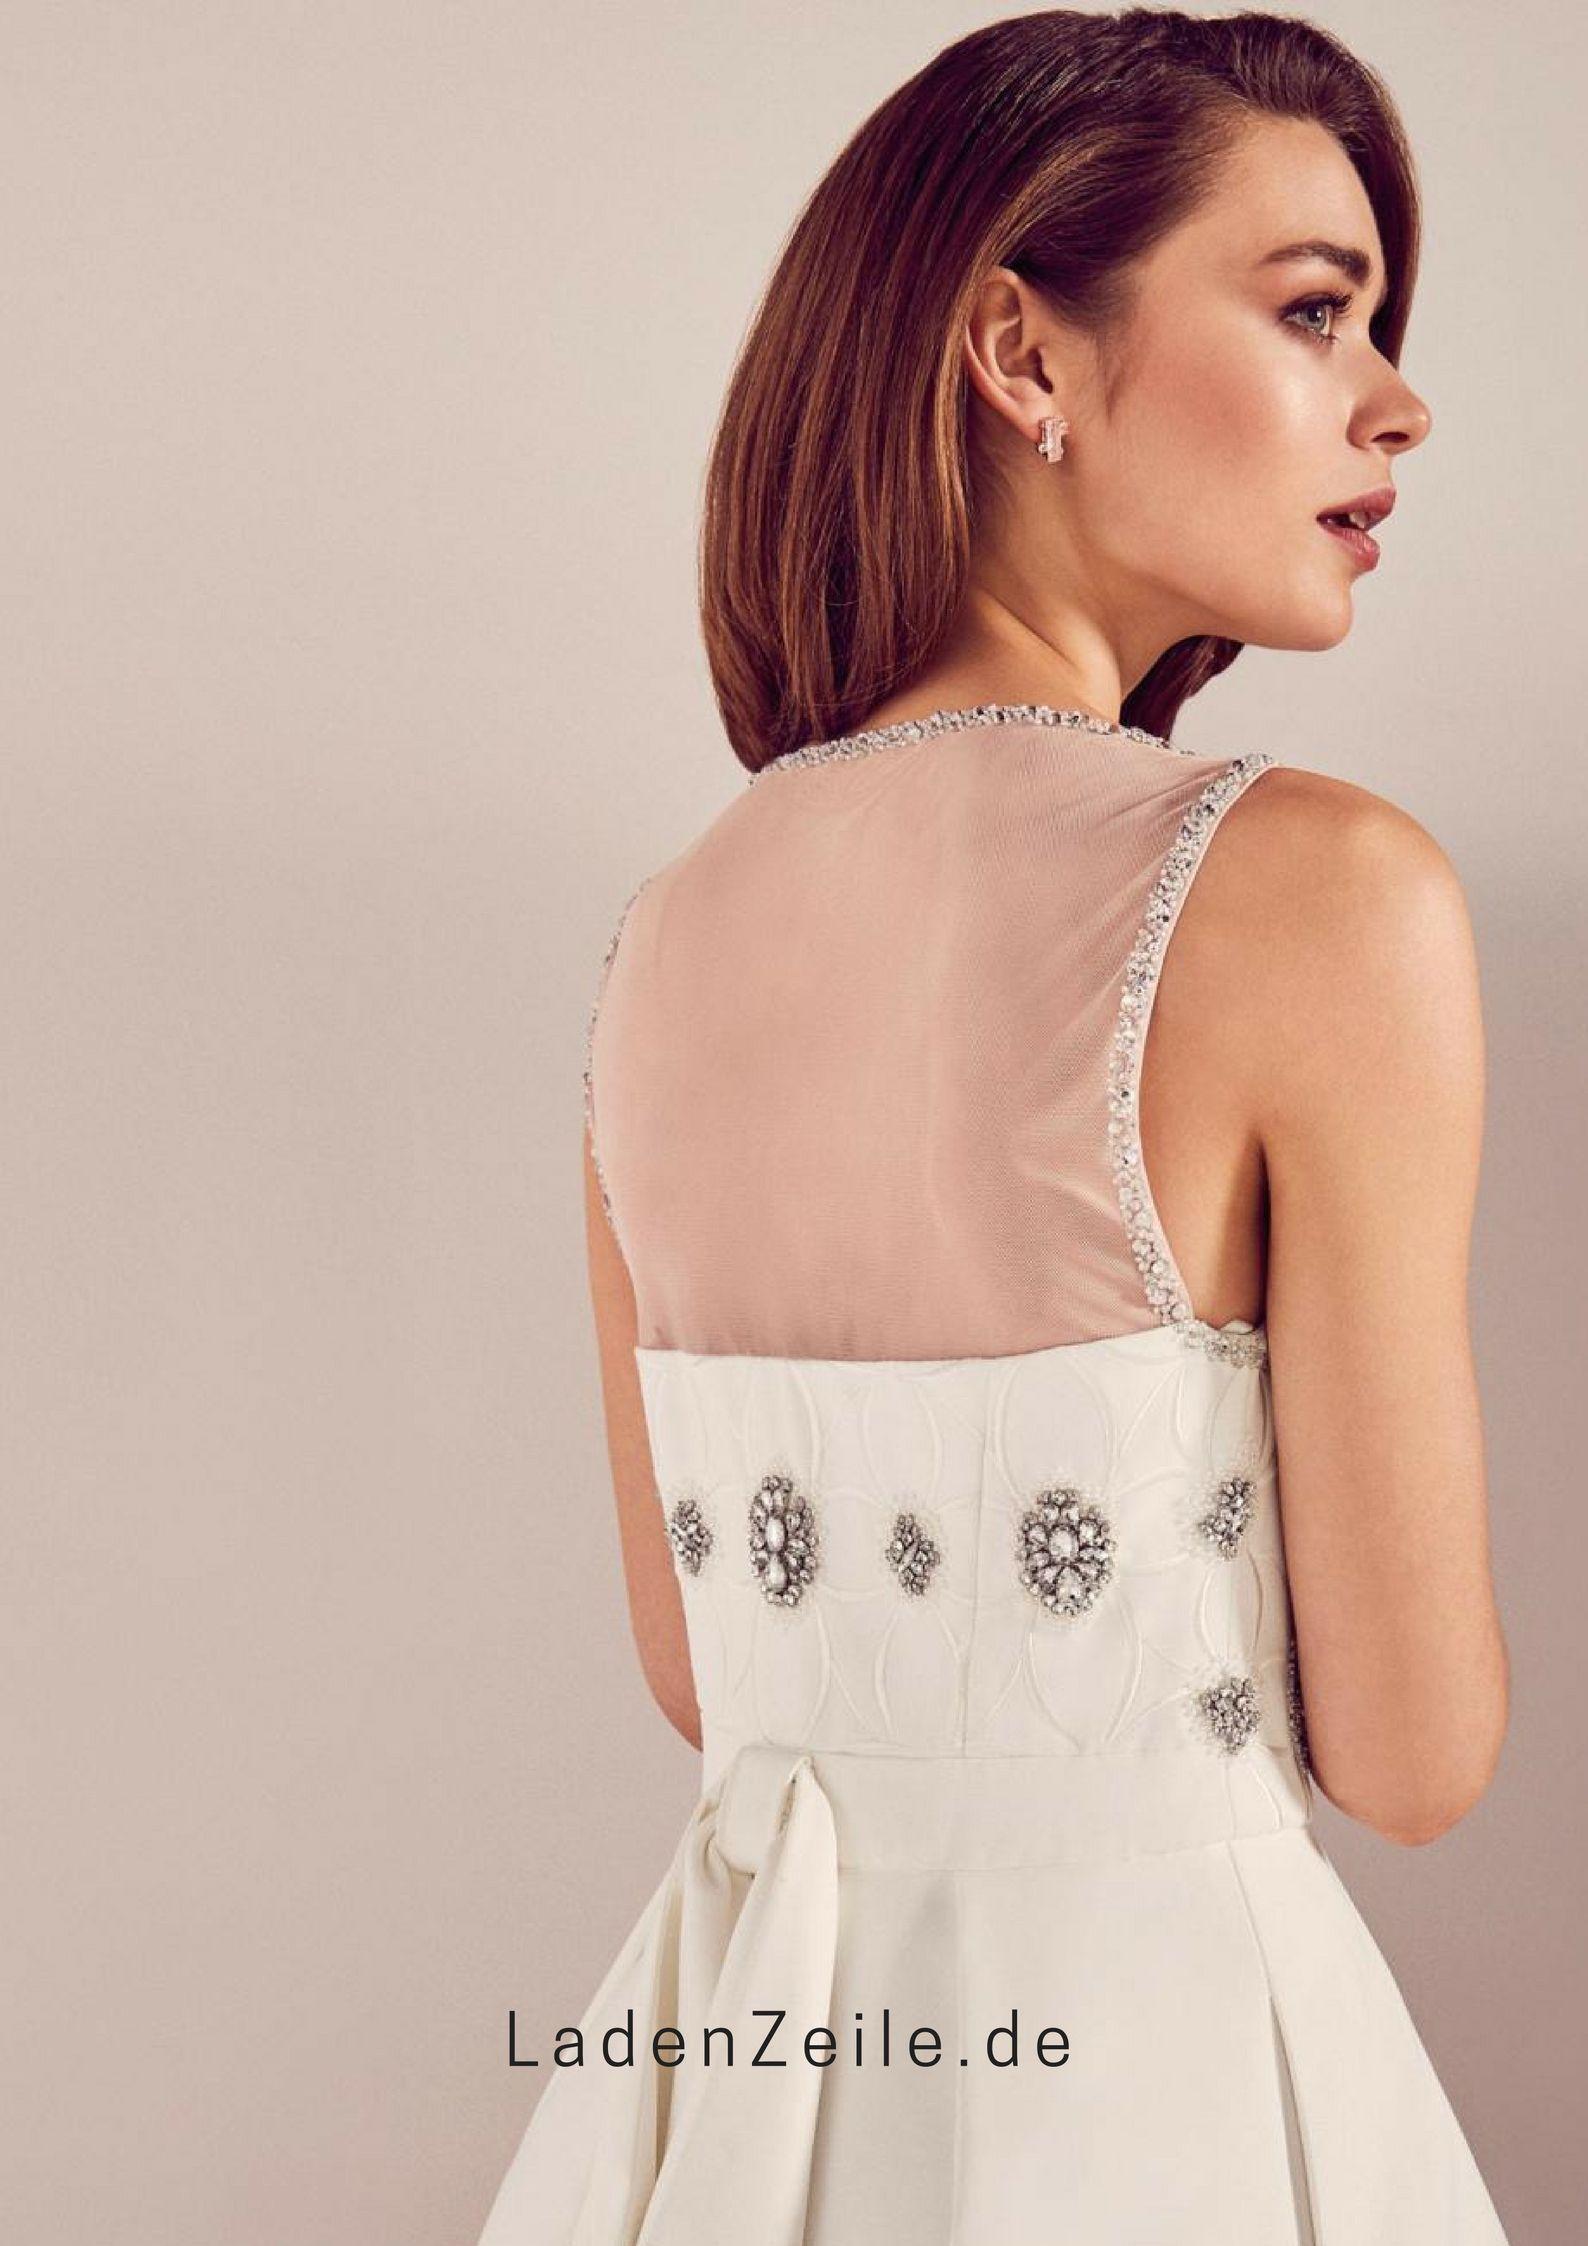 Brautkleid Mit Schmuckdetails  Designer outfits woman, Dresses